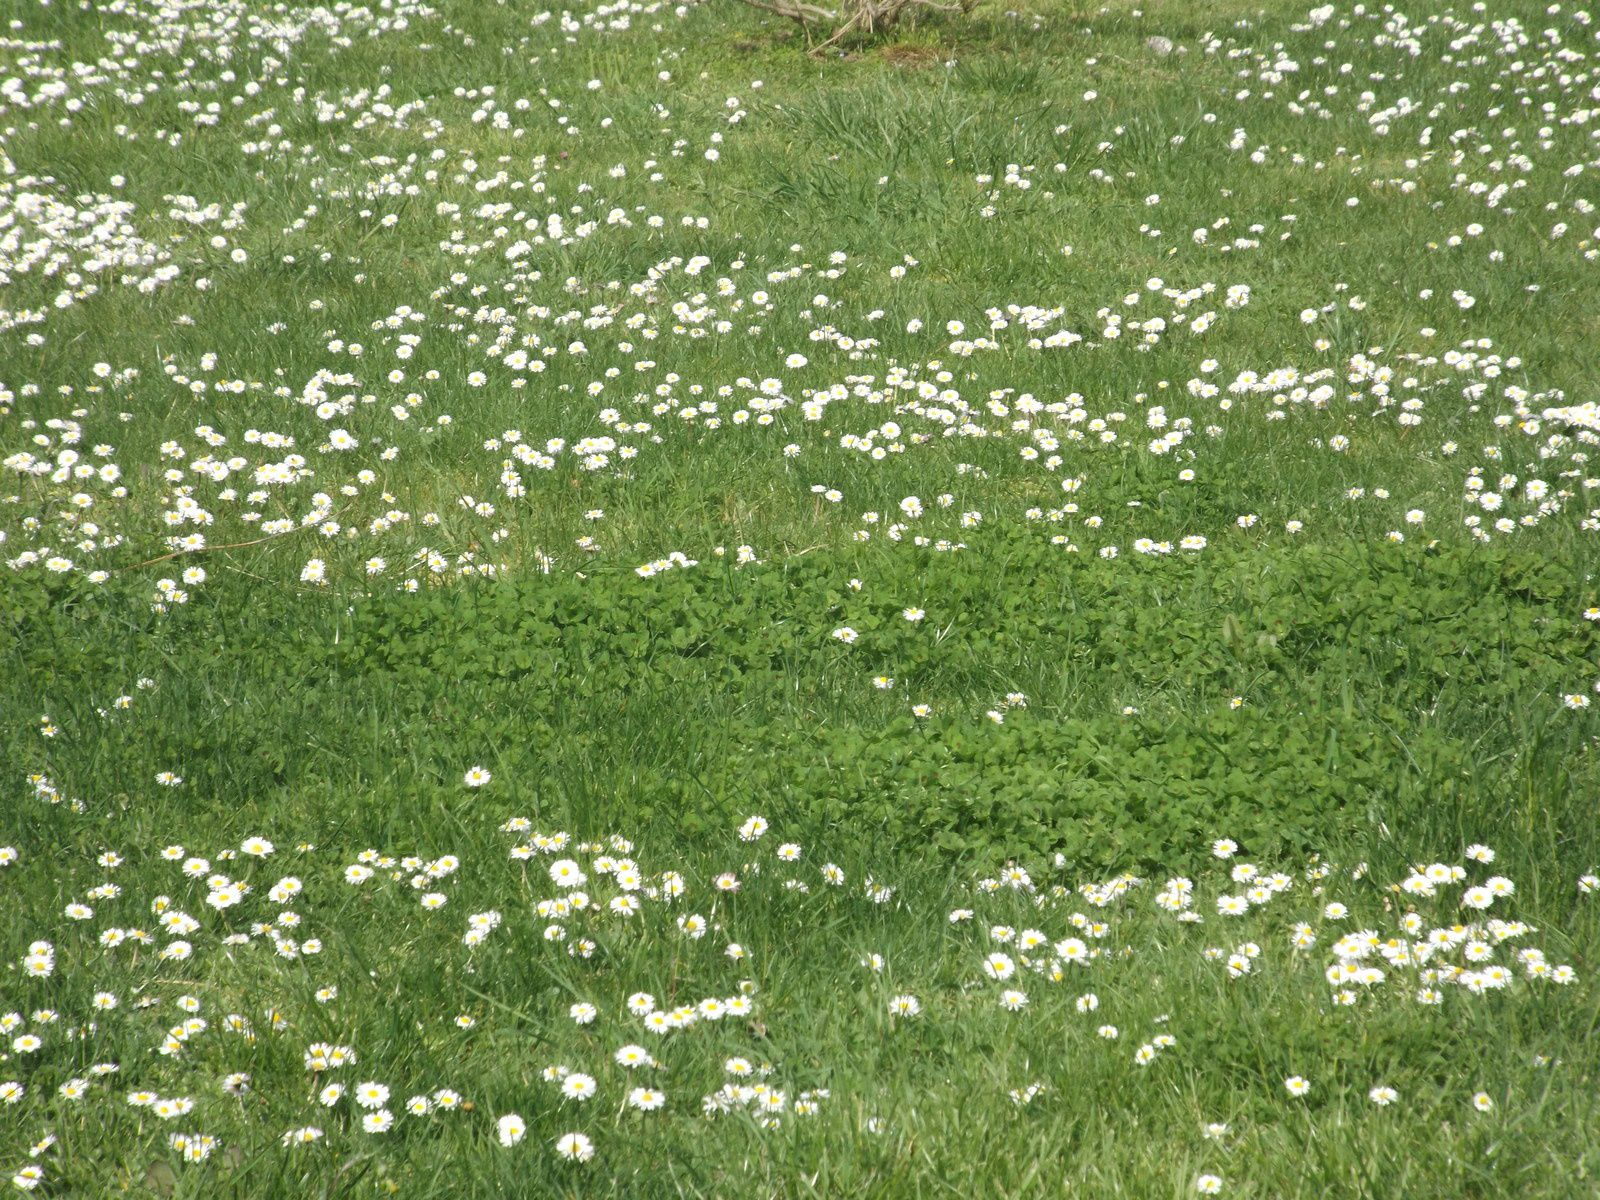 un joli tapis de pâquerettes recouvre le sol....